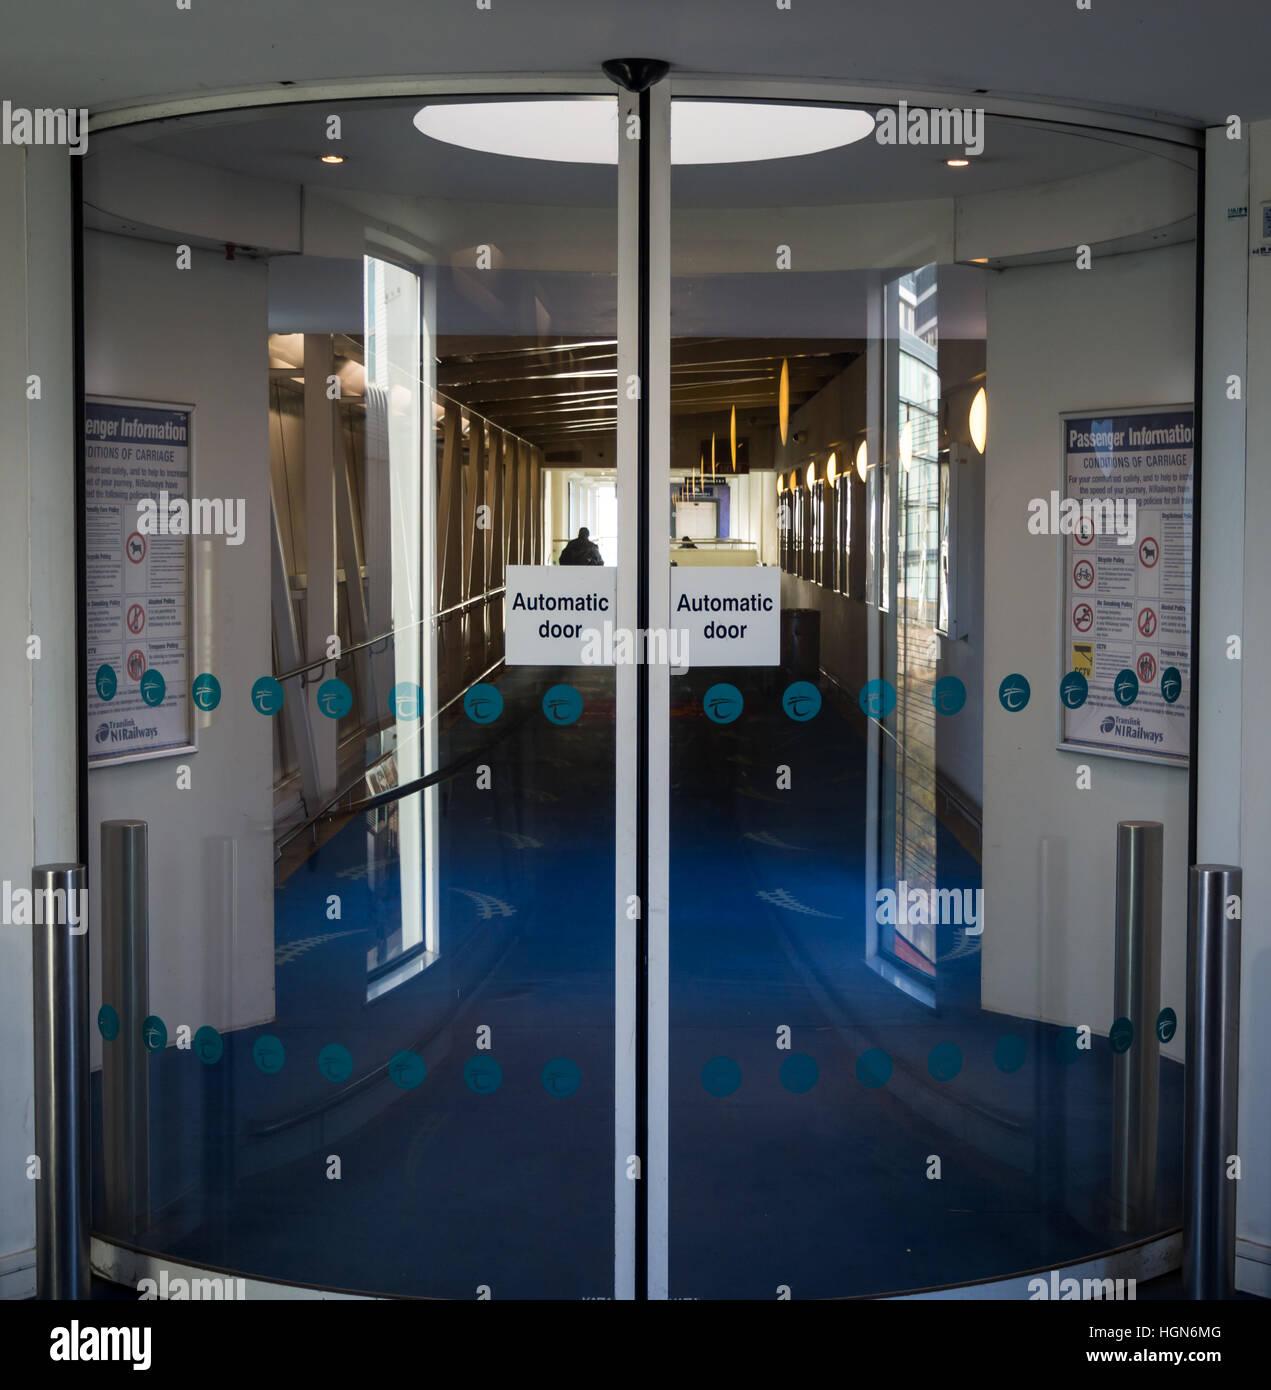 Automatic doors Stock Photo